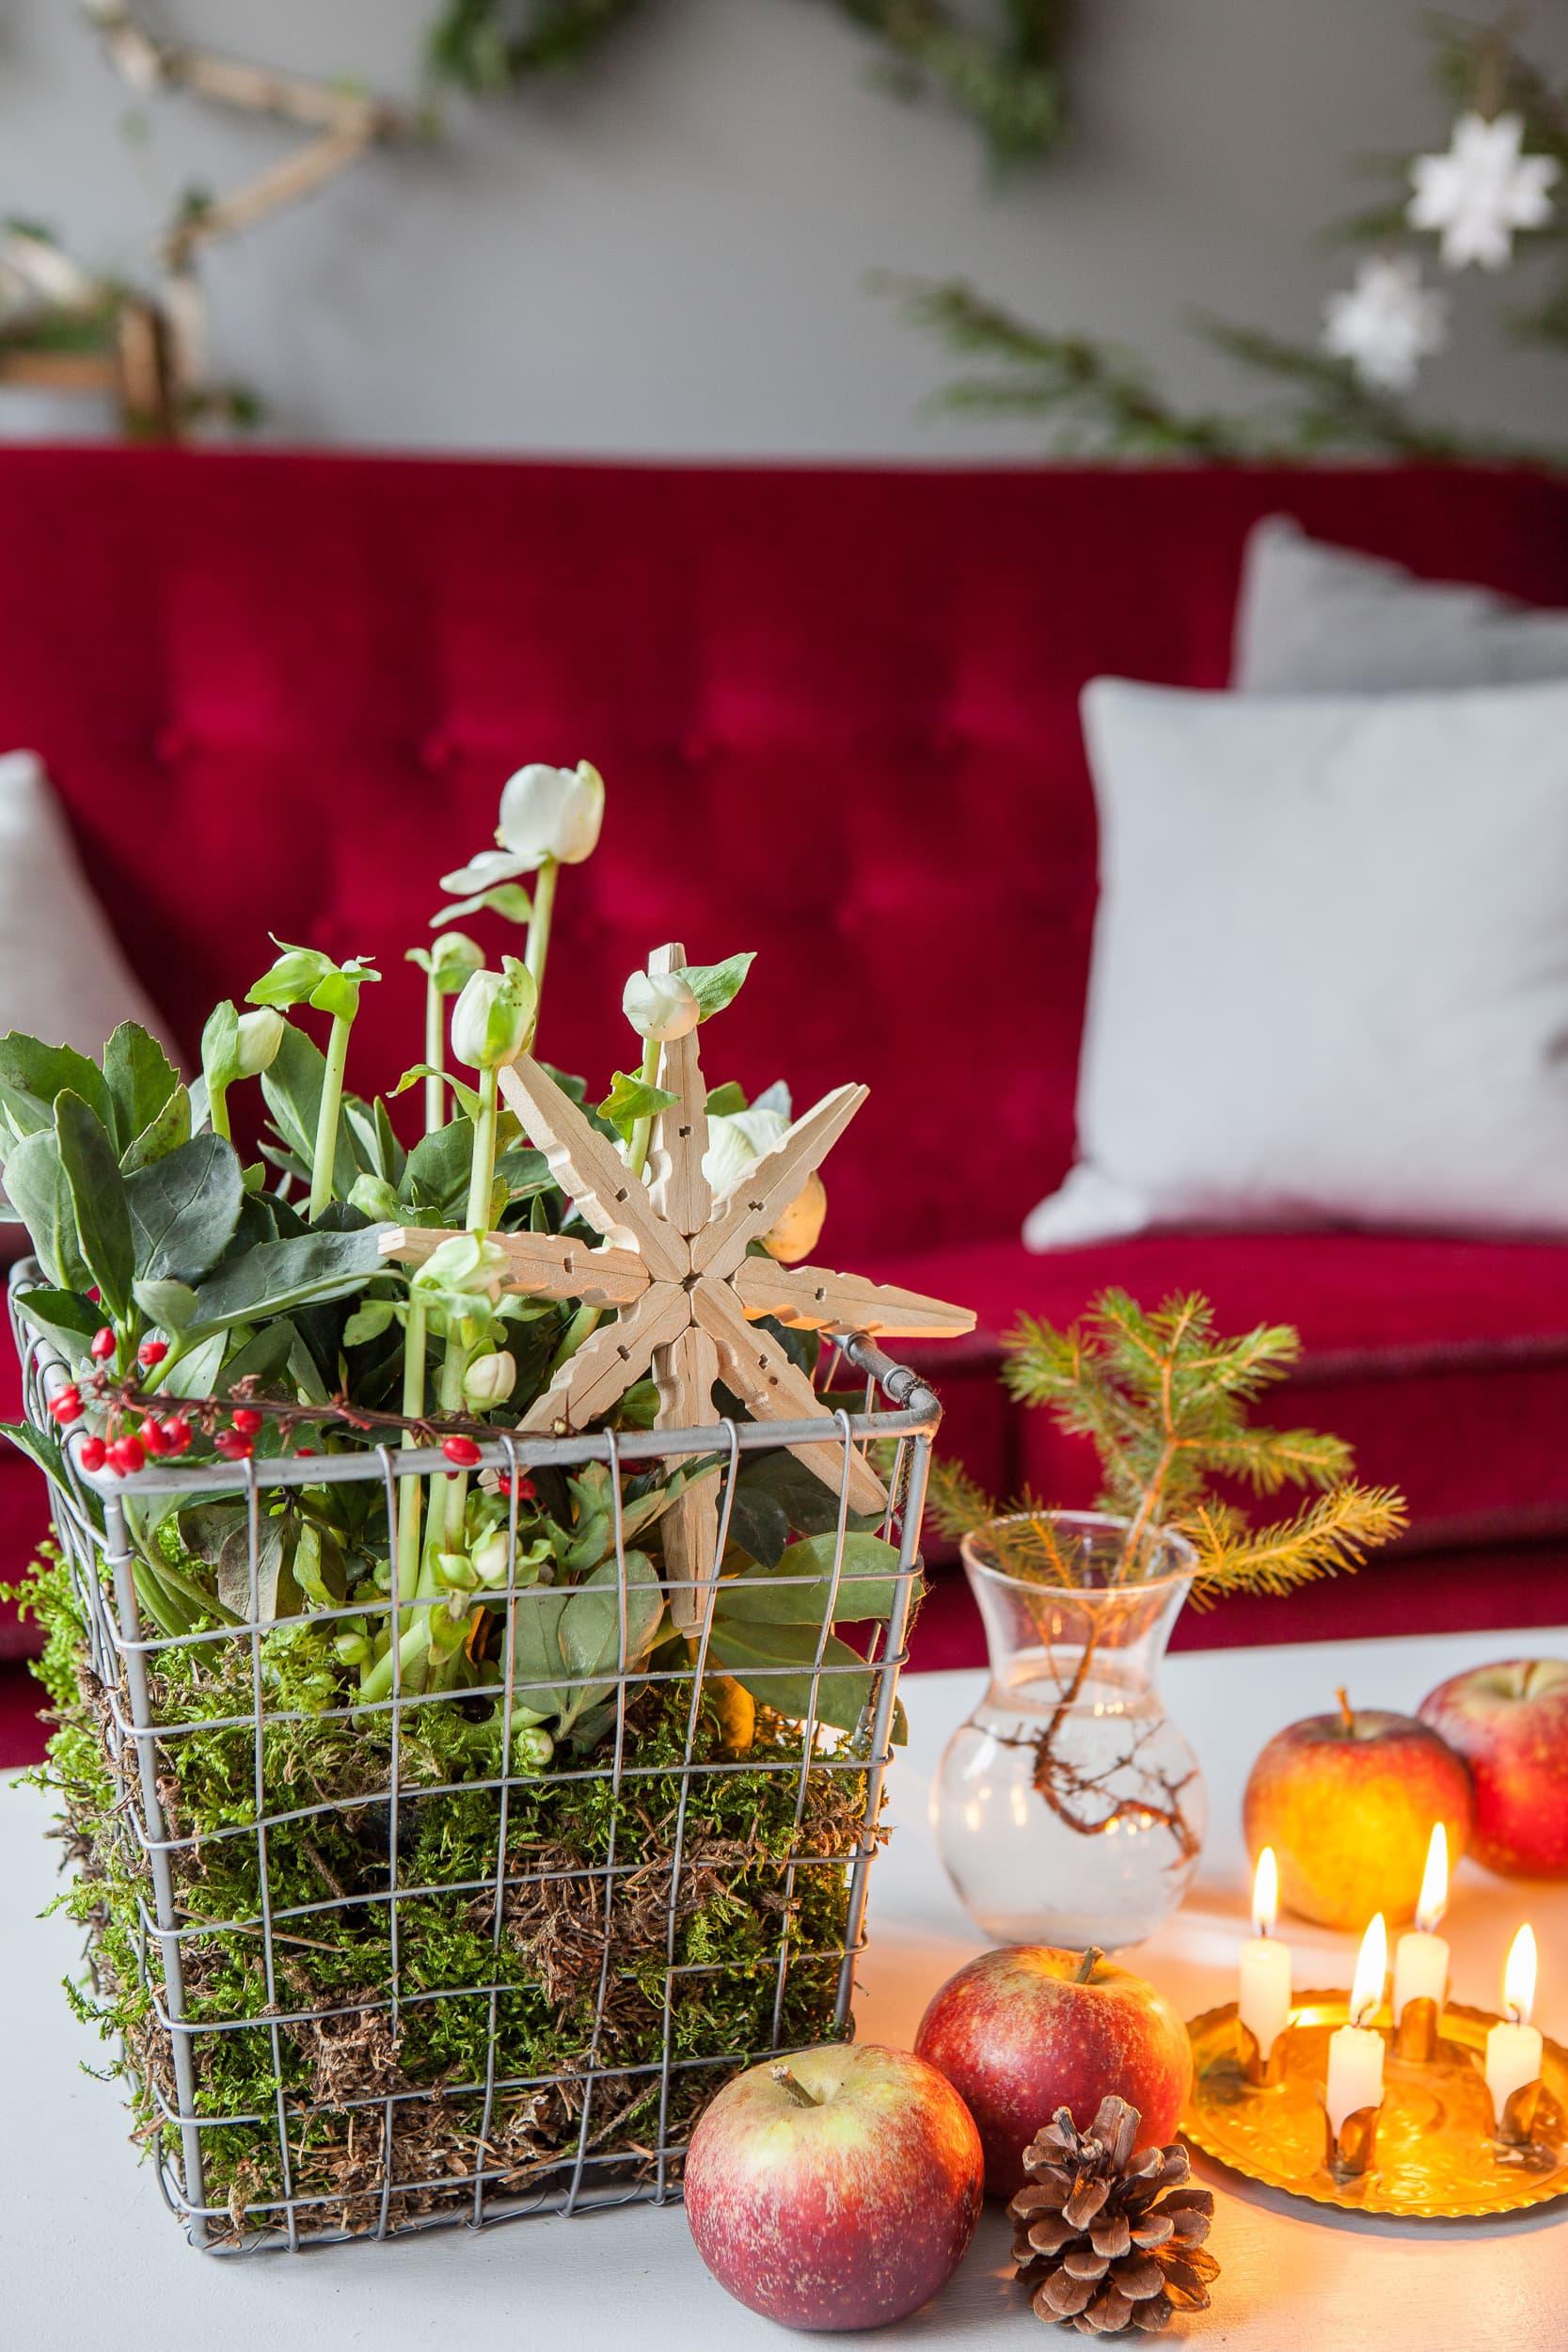 Blommig grupp - gör en dekorativ blomgrupp av trådkorg, mossa, julros och några dekorationer. Vi har först fyllt botten med mossa, sedan ställt i julrosen i sin plastkruka och fyllt på med mossa runt om. Använd gärna en kvist med vinterröda bär och en snöflinga av klädnypor.